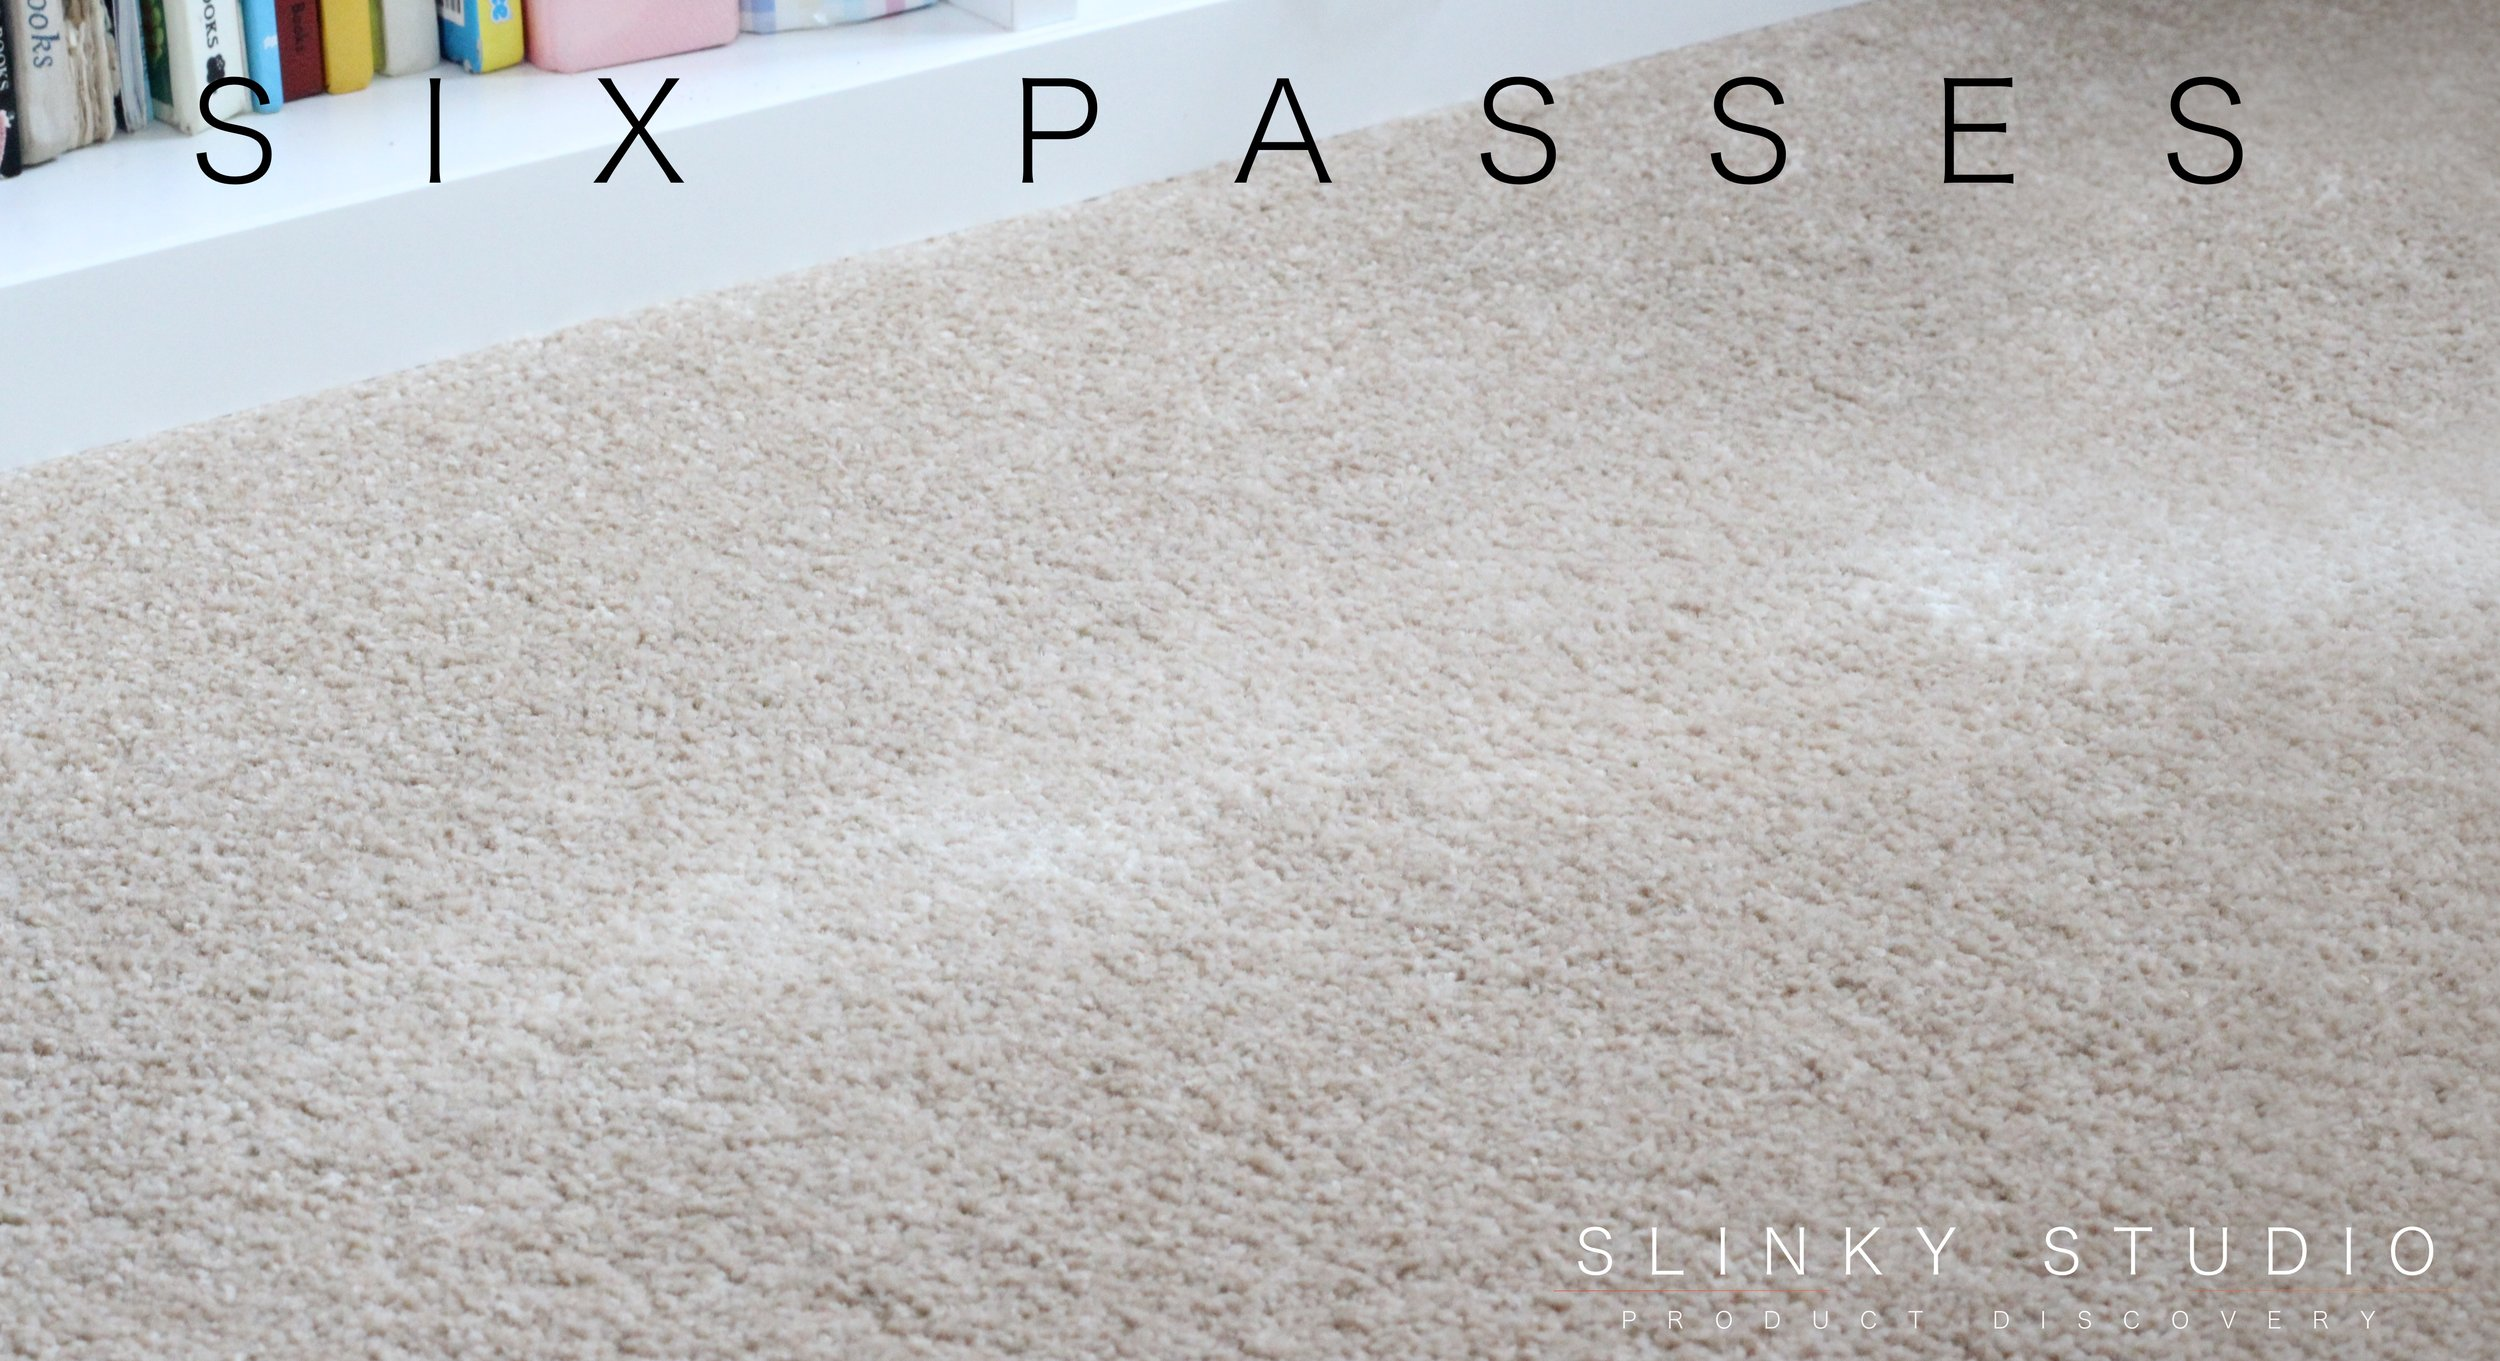 bObsweep PetHair Plus Robot Vacuum Cleaner Carpet Six Passes.jpg